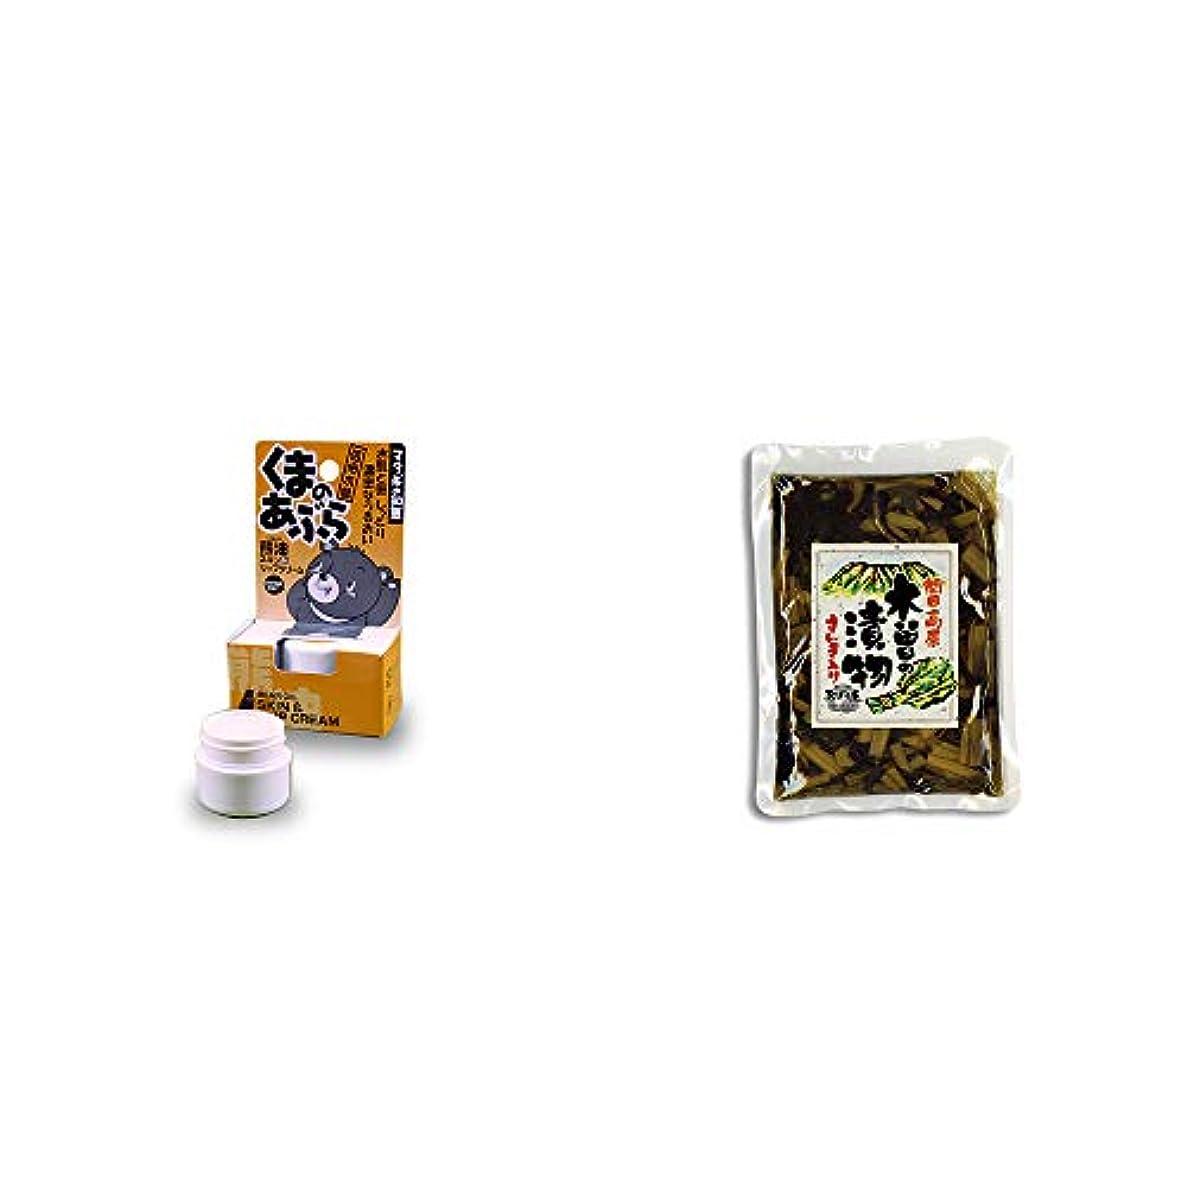 [2点セット] 信州木曽 くまのあぶら 熊油スキン&リップクリーム(9g)?【年中販売】木曽の漬物 すんき入り(200g) / すんき漬け味付加工品 //